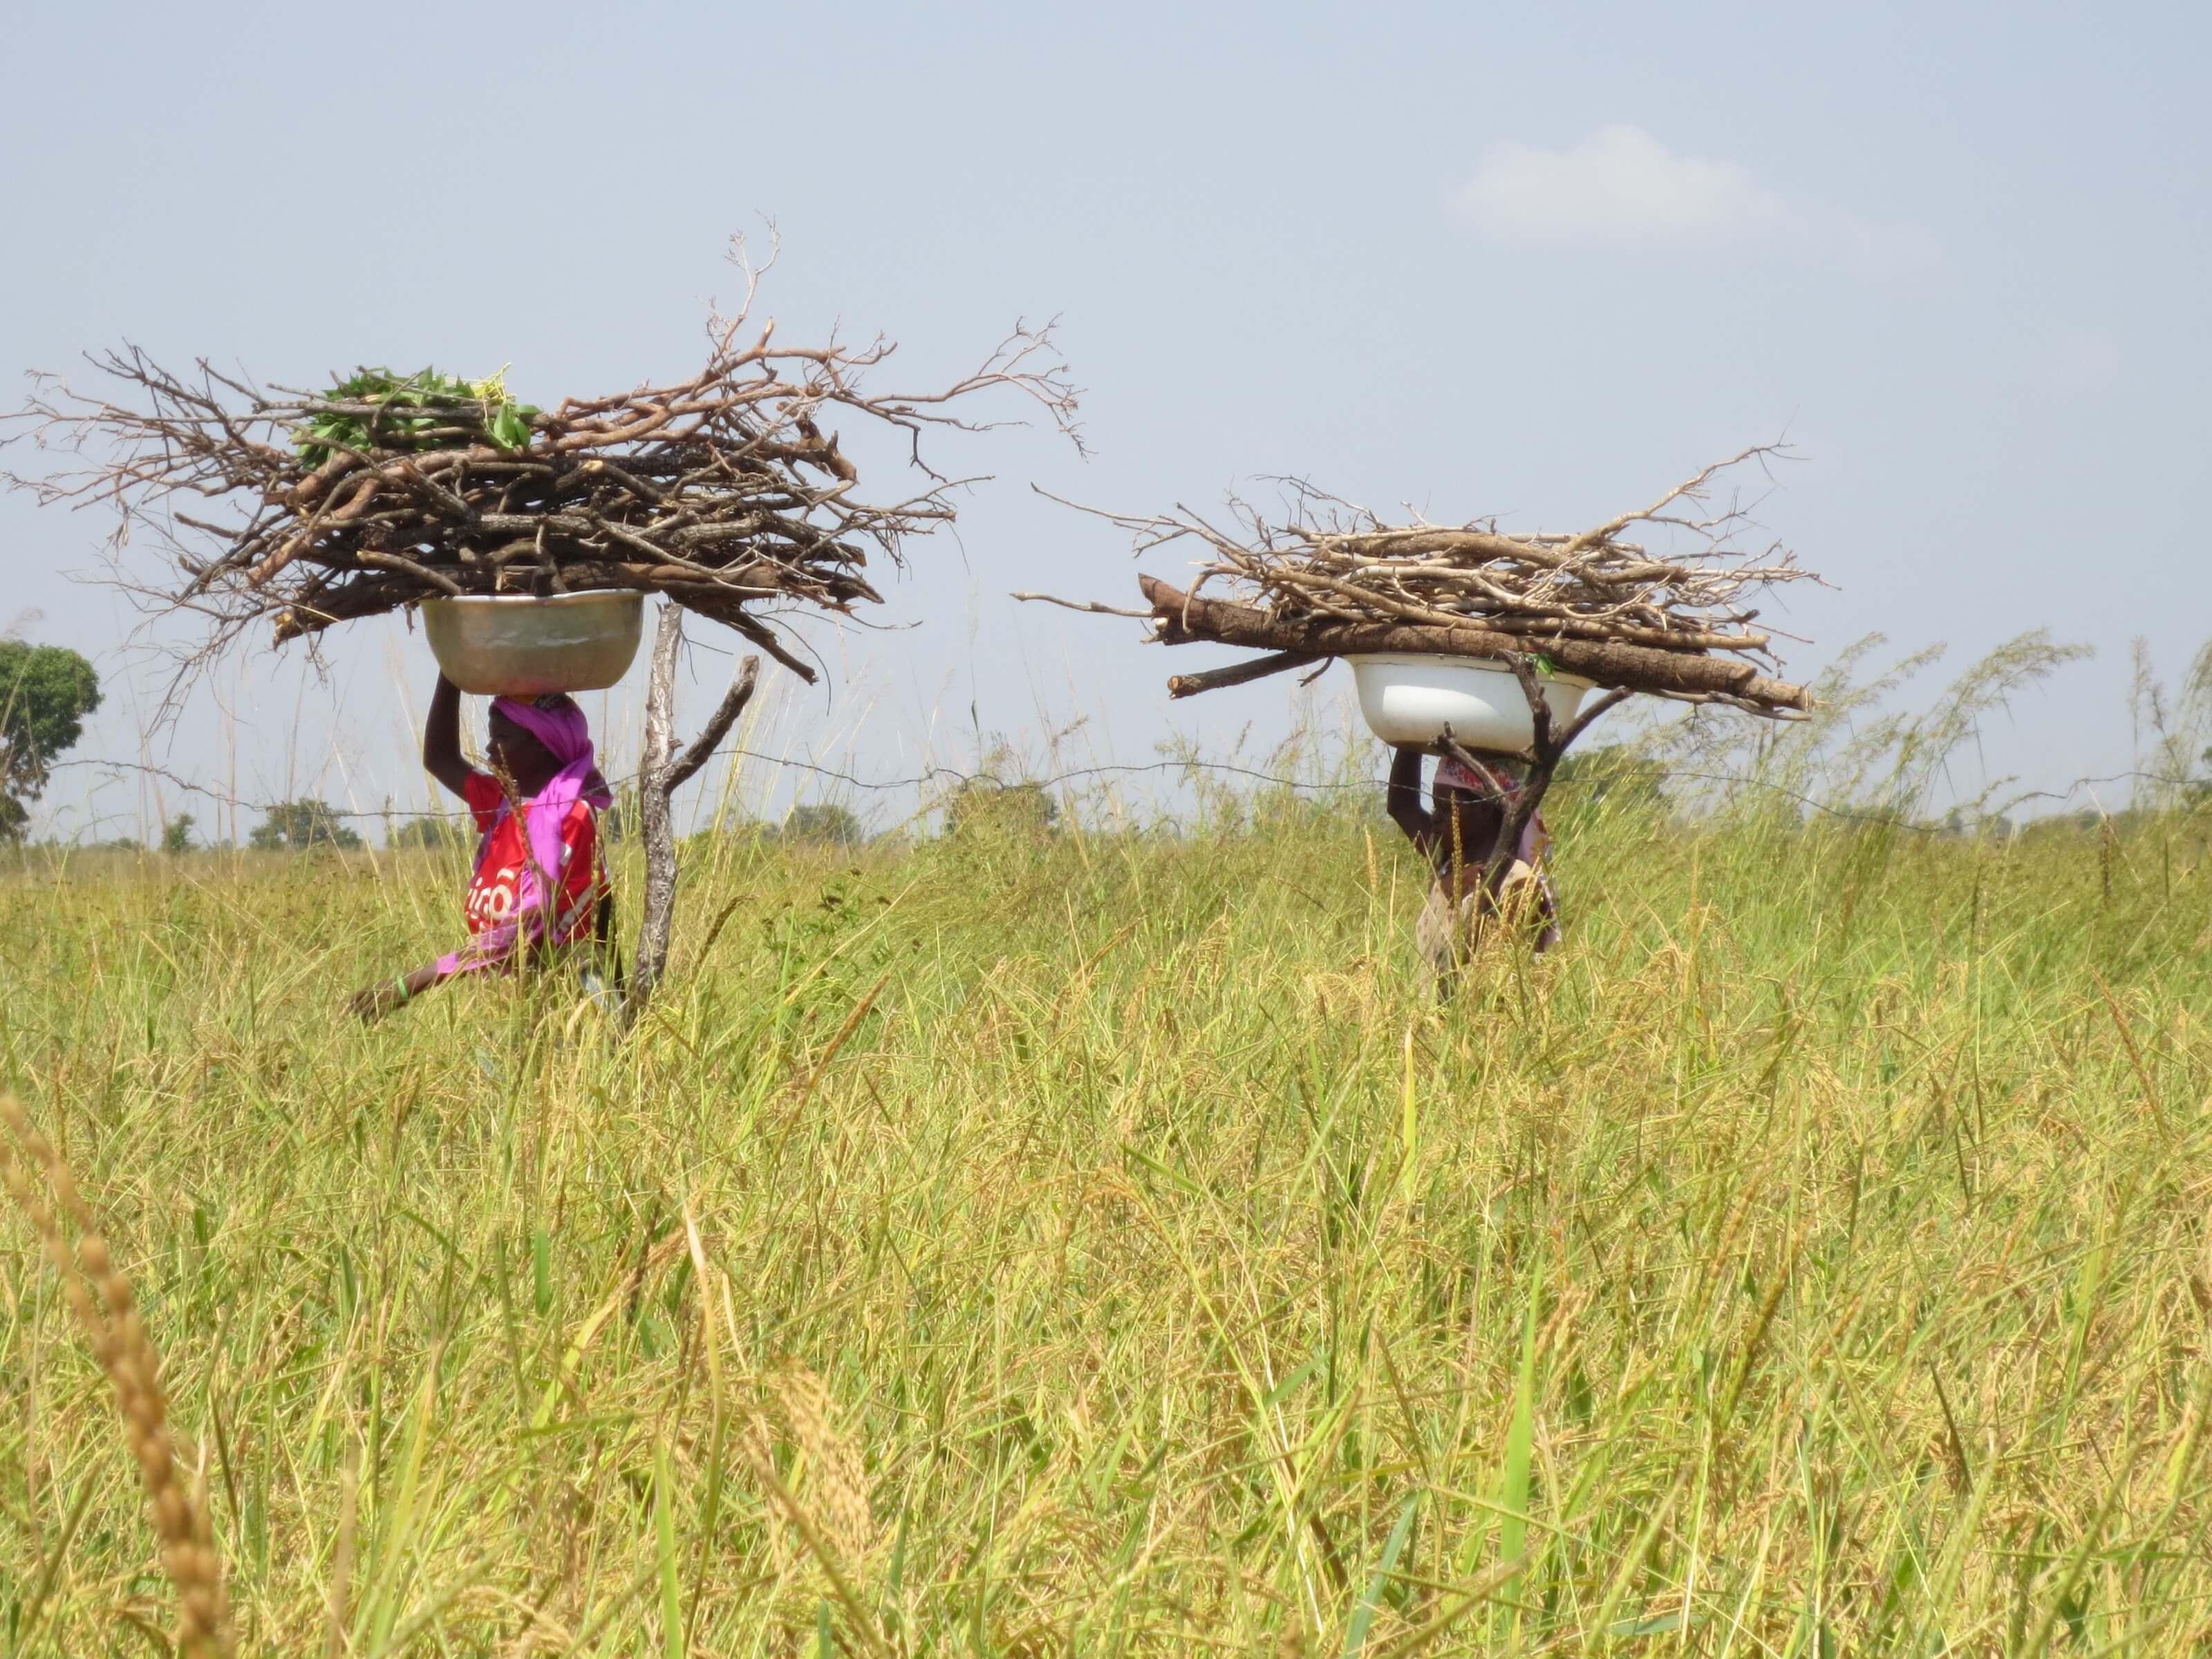 Zwei afrikanische Frauen